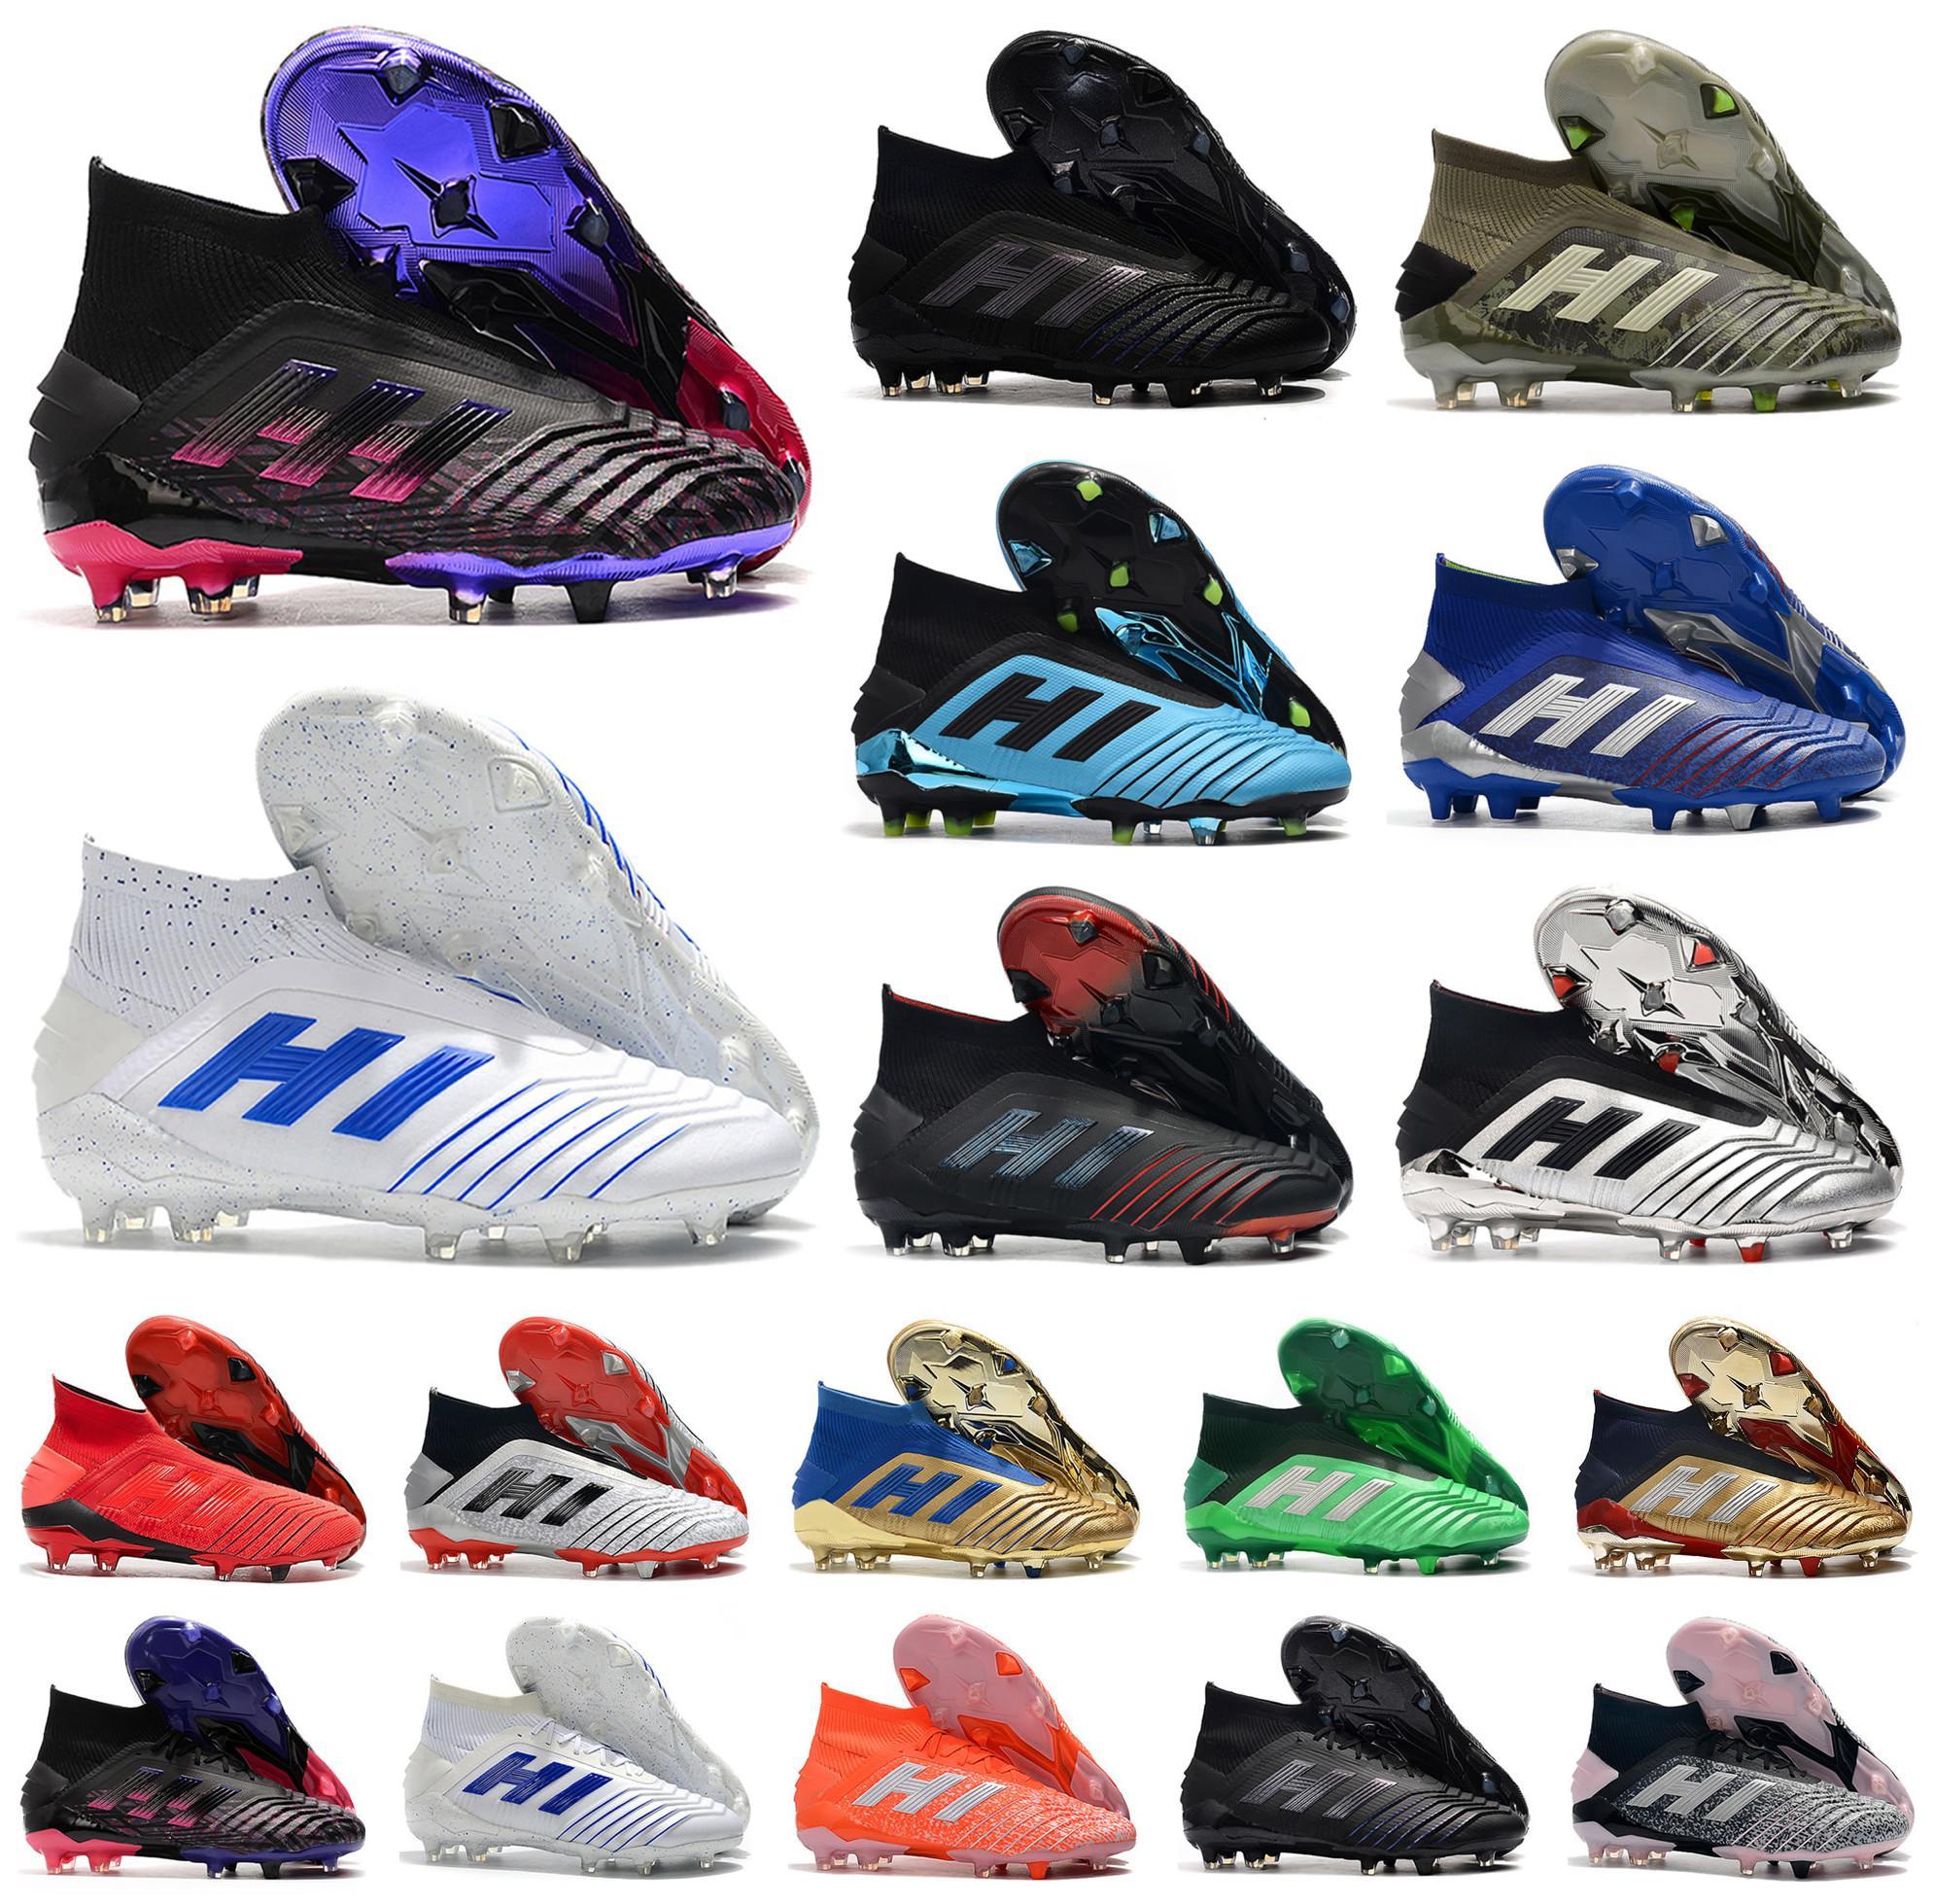 2020 Hot Predator 19+ 19,1 FG PP Paul Pogba Staffel 6 Verschlüsselungs-Code Mens-Jungen-Fußball Schuhe 19 + x Klampen Boot Günstige Größe 39-45